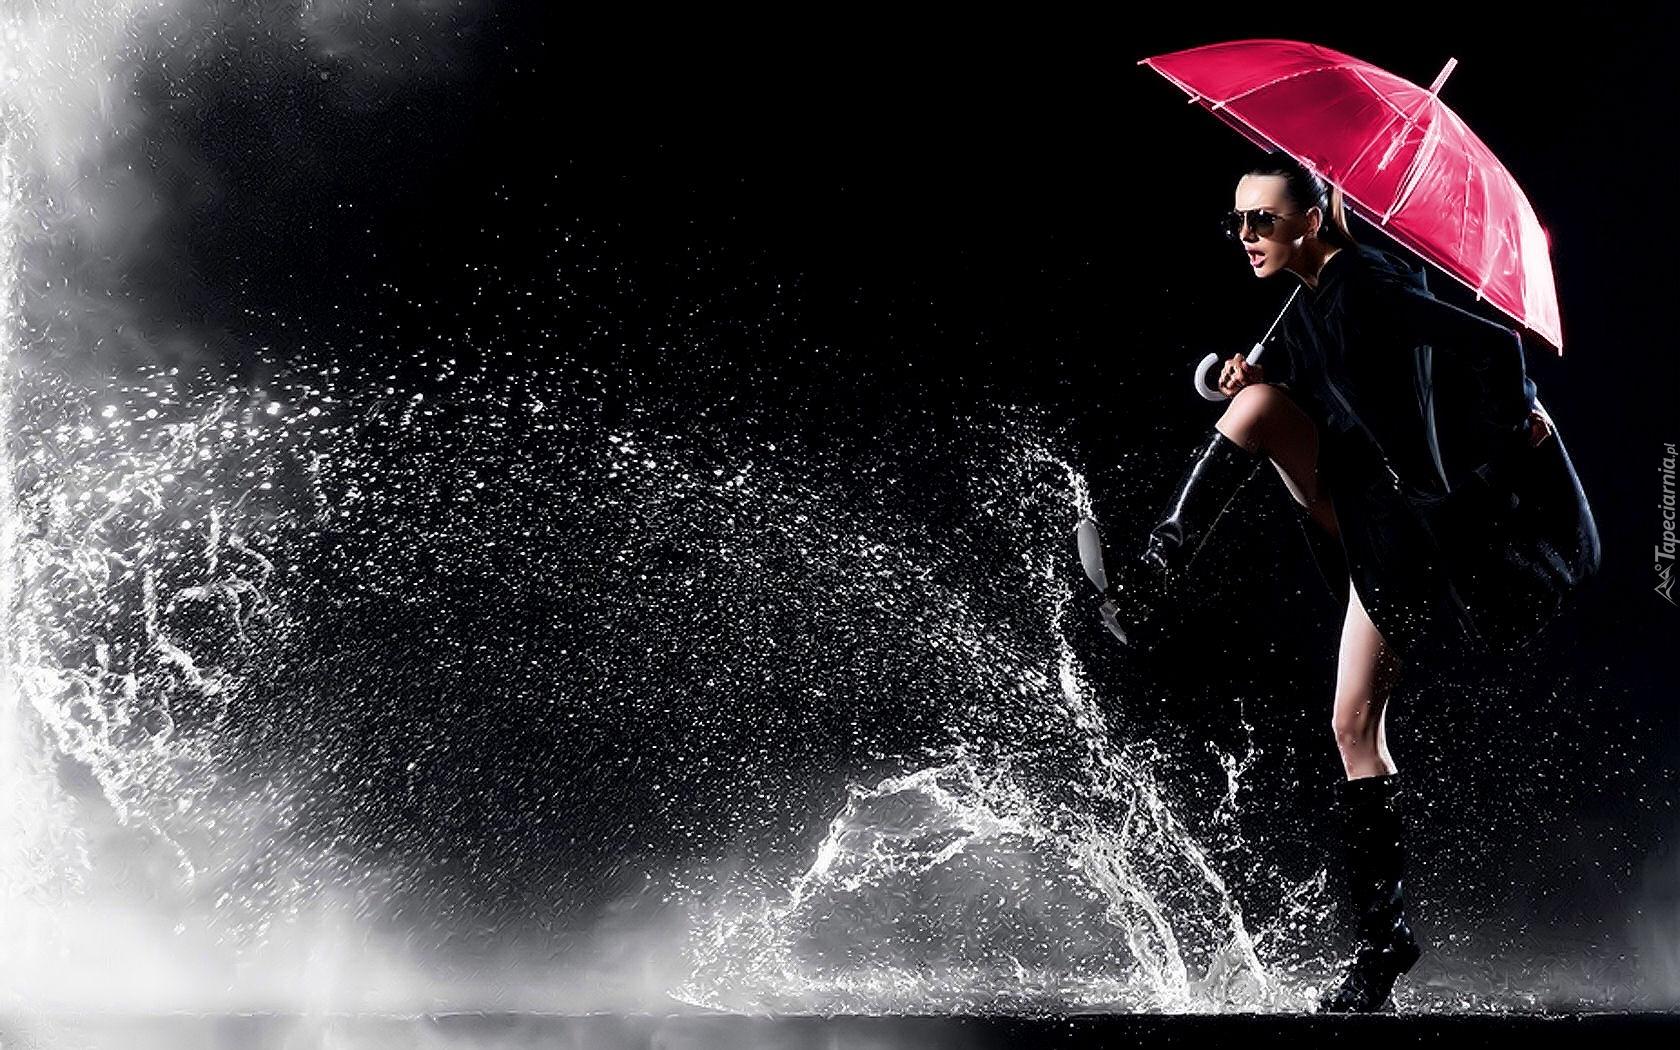 среднерослый, картинки танцуй под дождем поделитесь